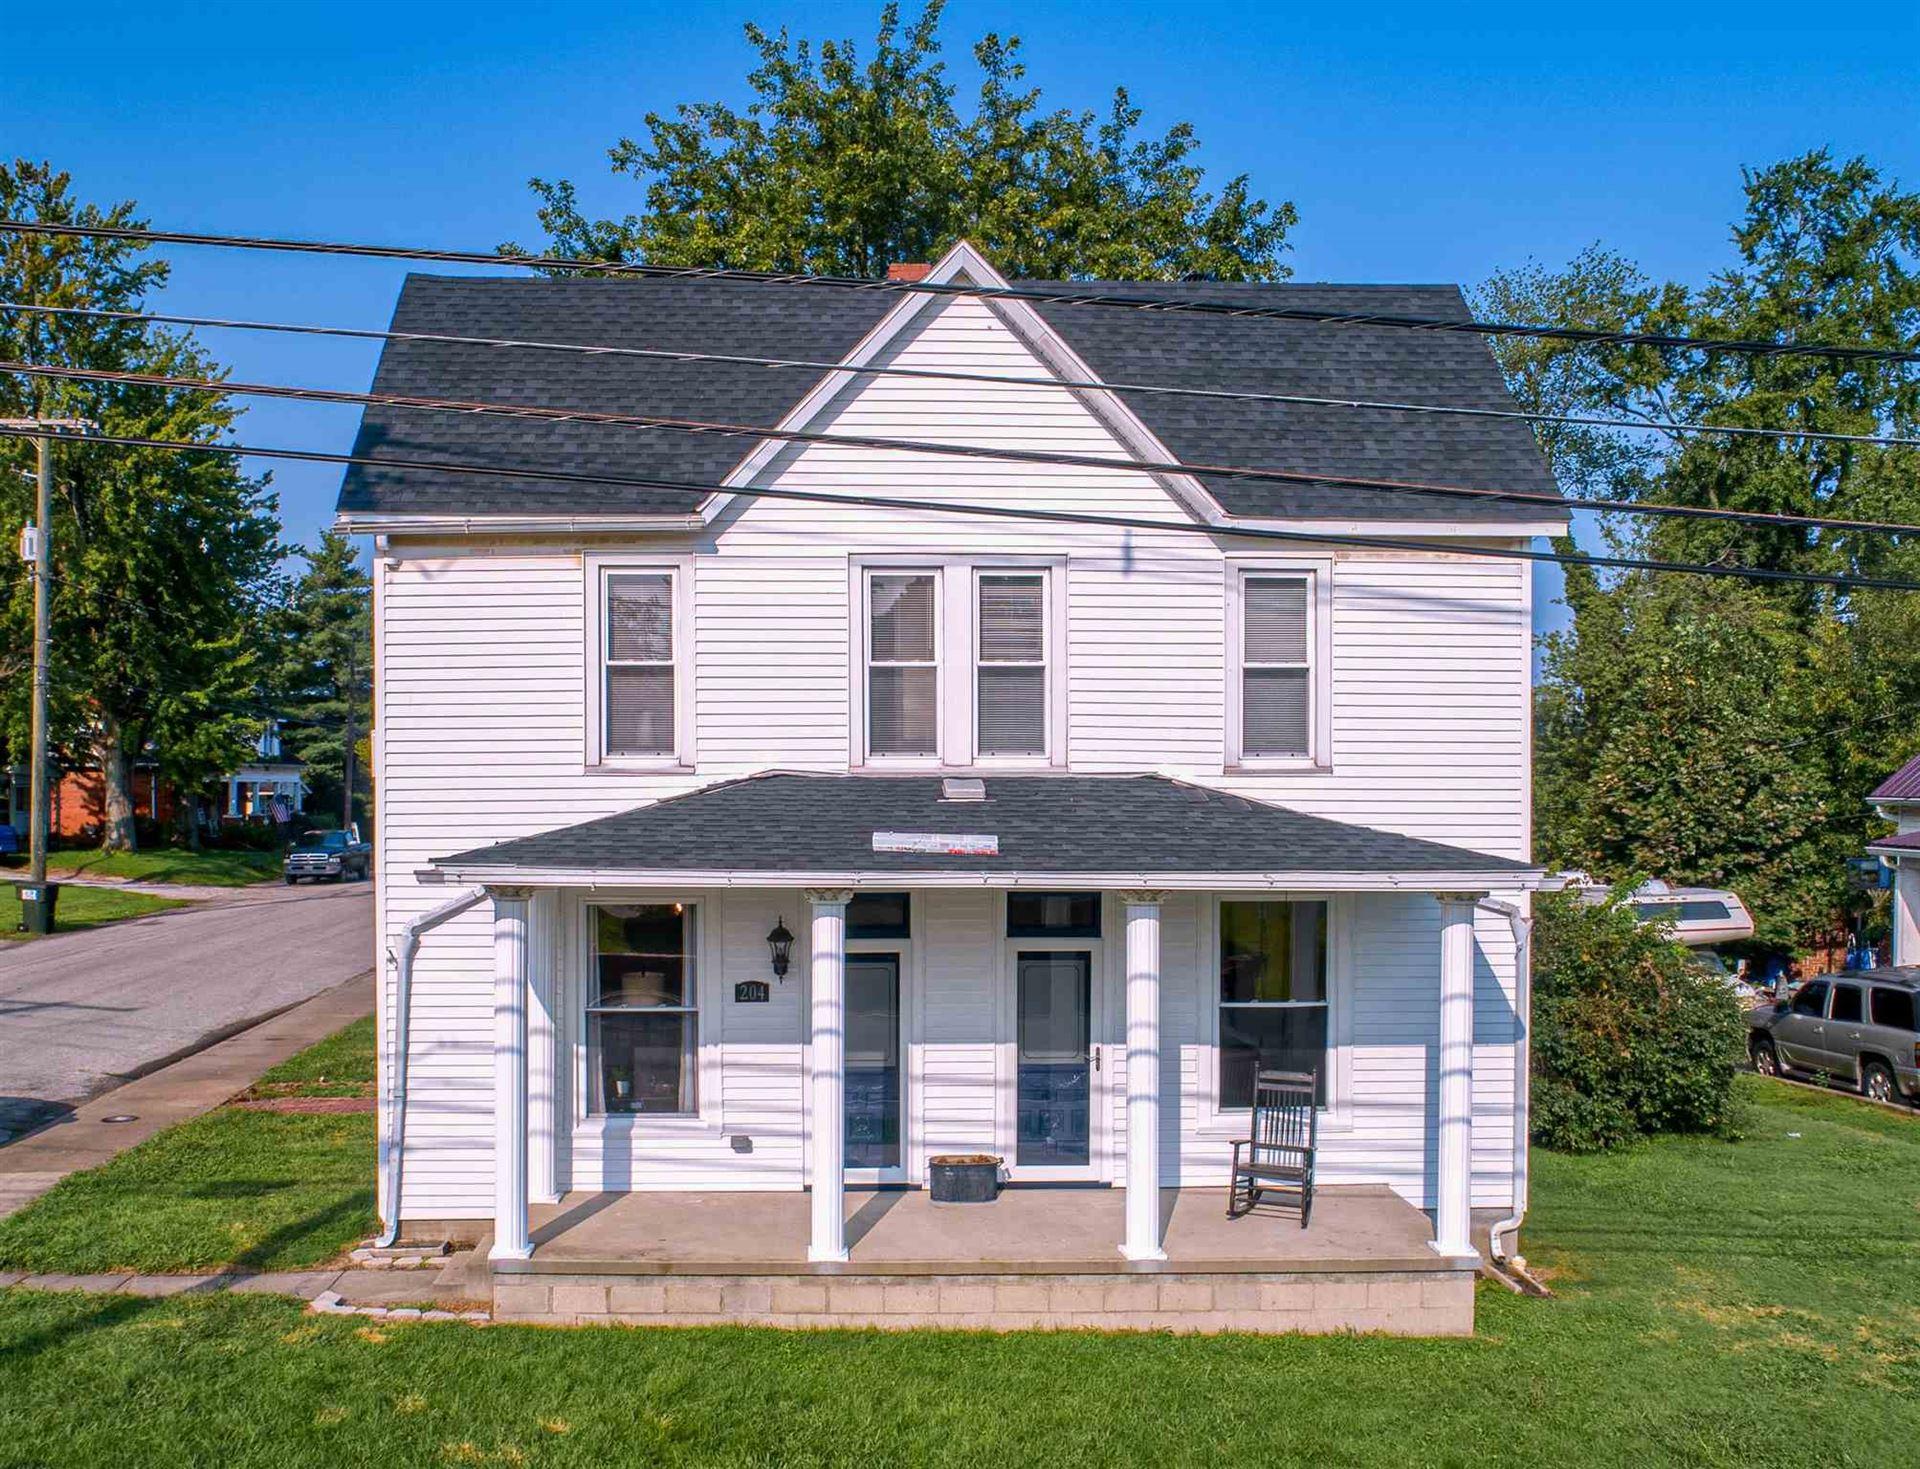 204 N First Street, Boonville, IN 47601 - MLS#: 202138221